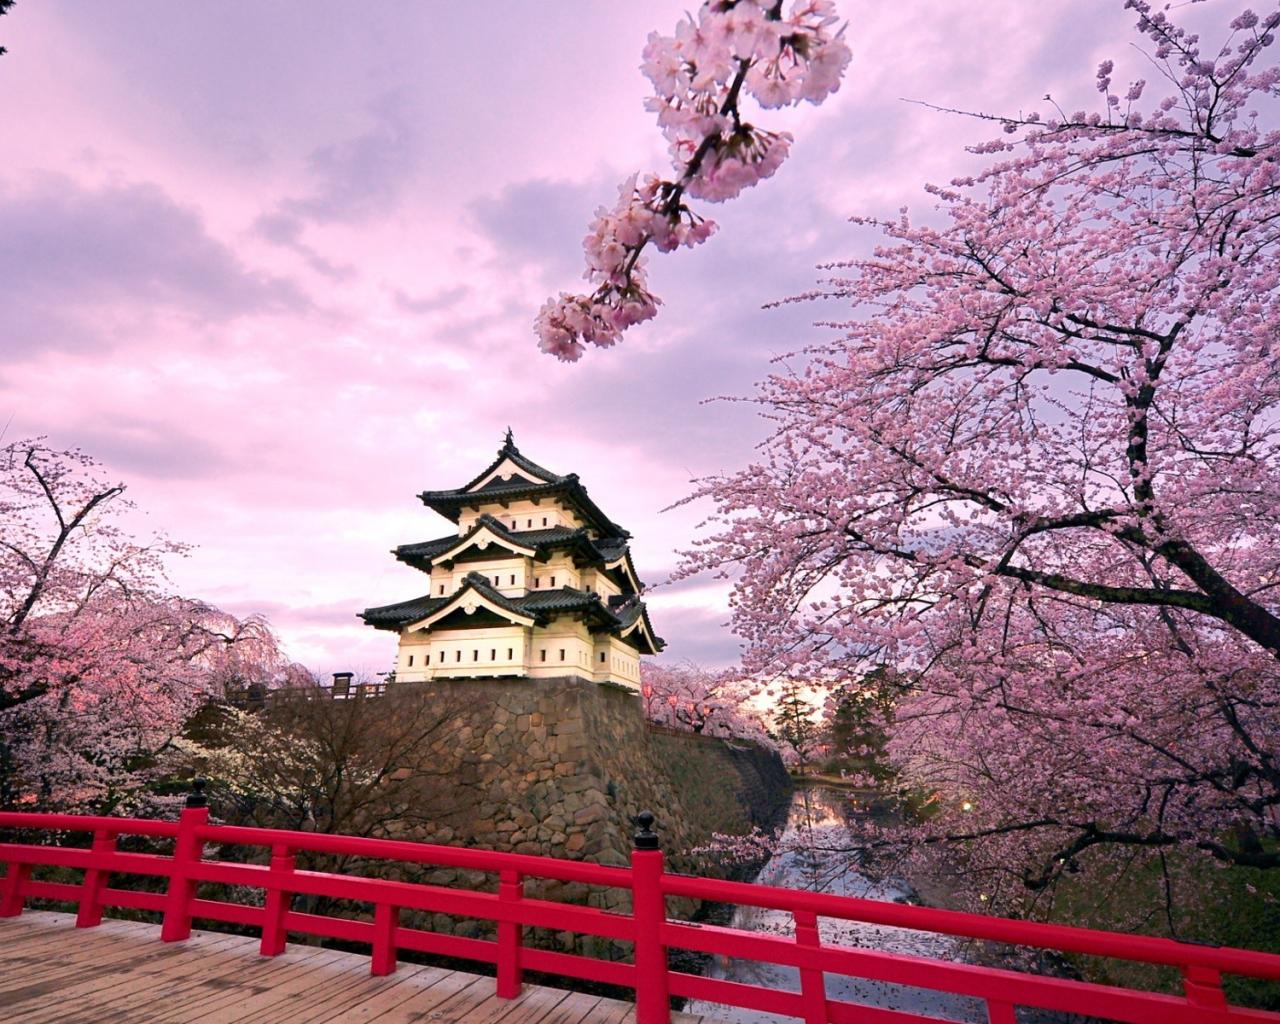 Castillo Japonés - 1280x1024